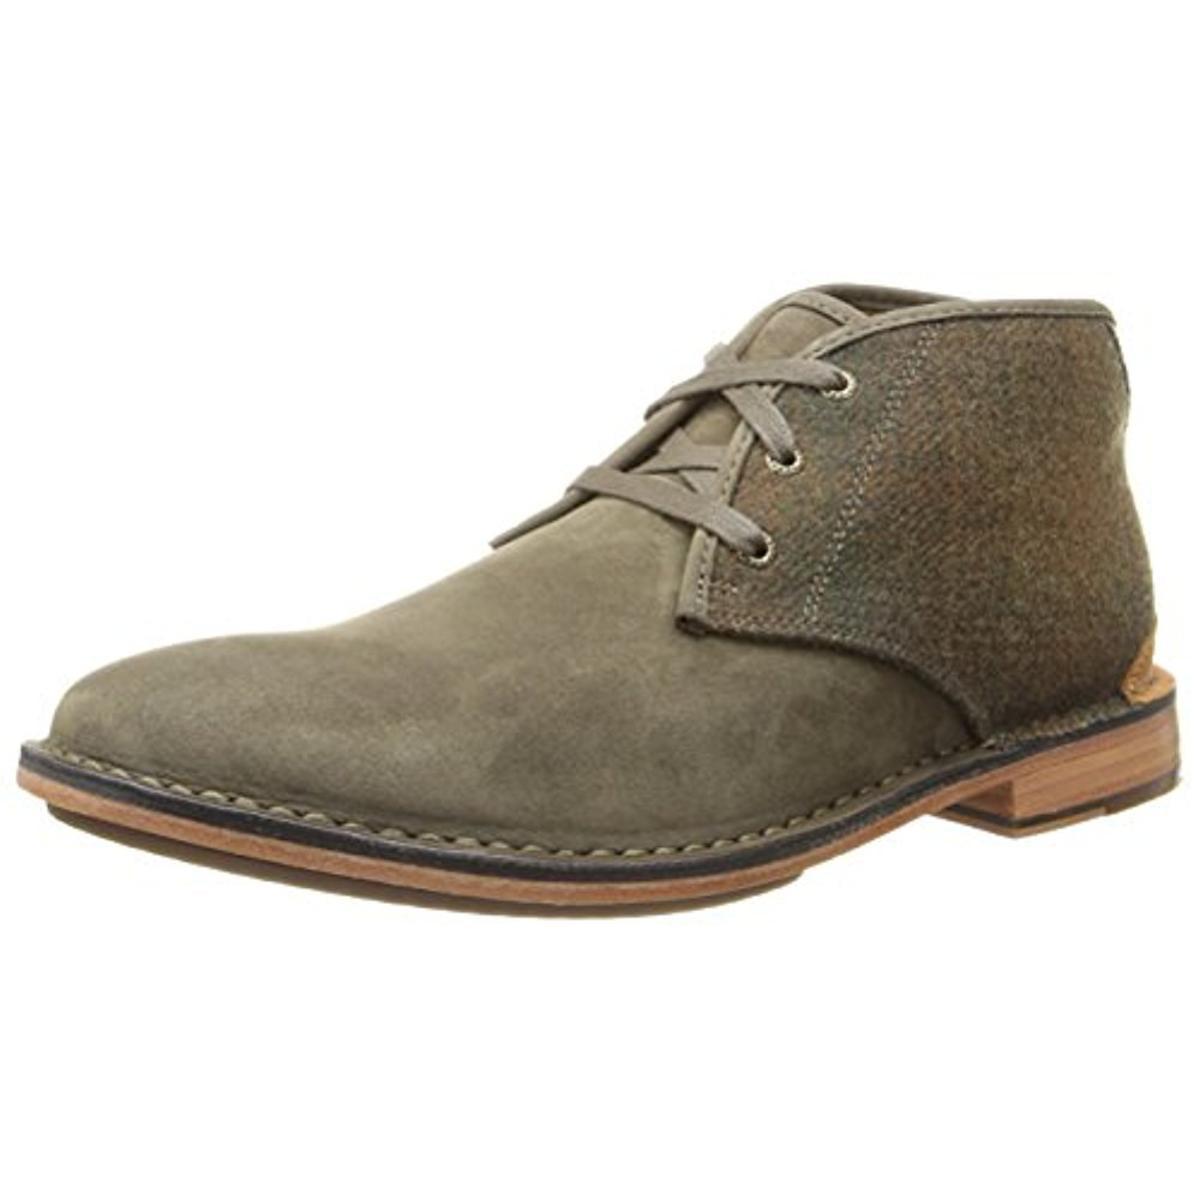 Sebago Mens Halyard Suede Casual Chukka Boots by Sebago